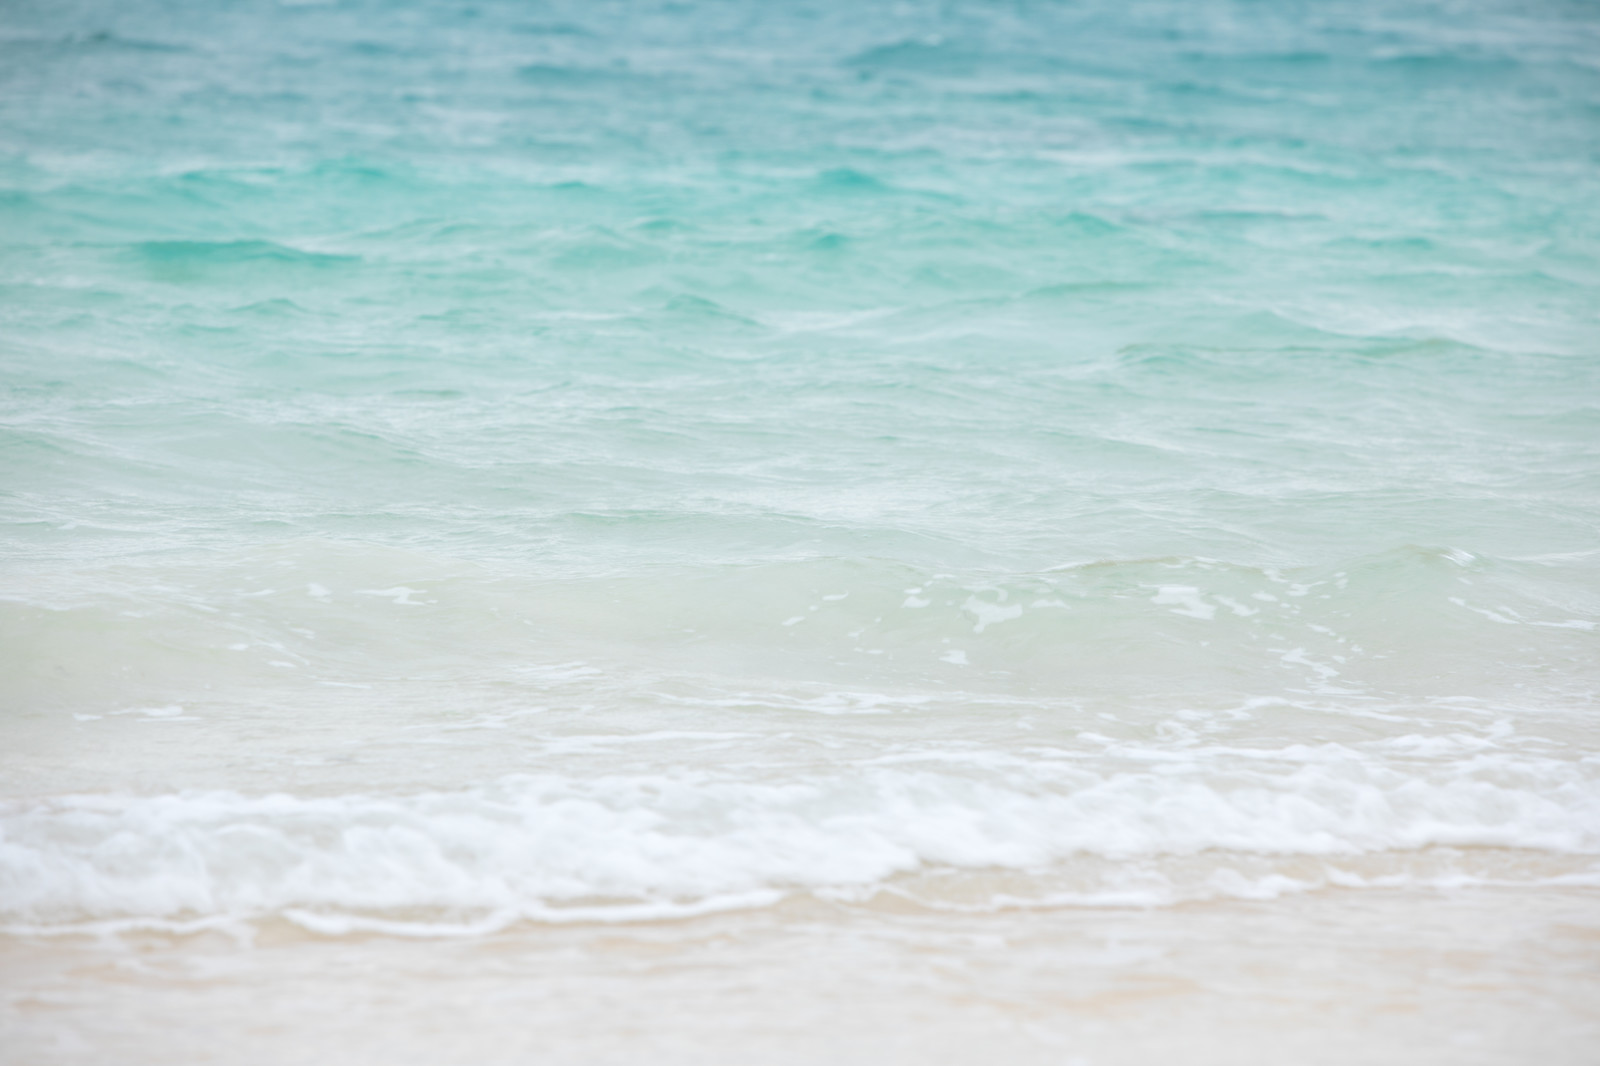 「宮古島の美しい海と小さな波」の写真